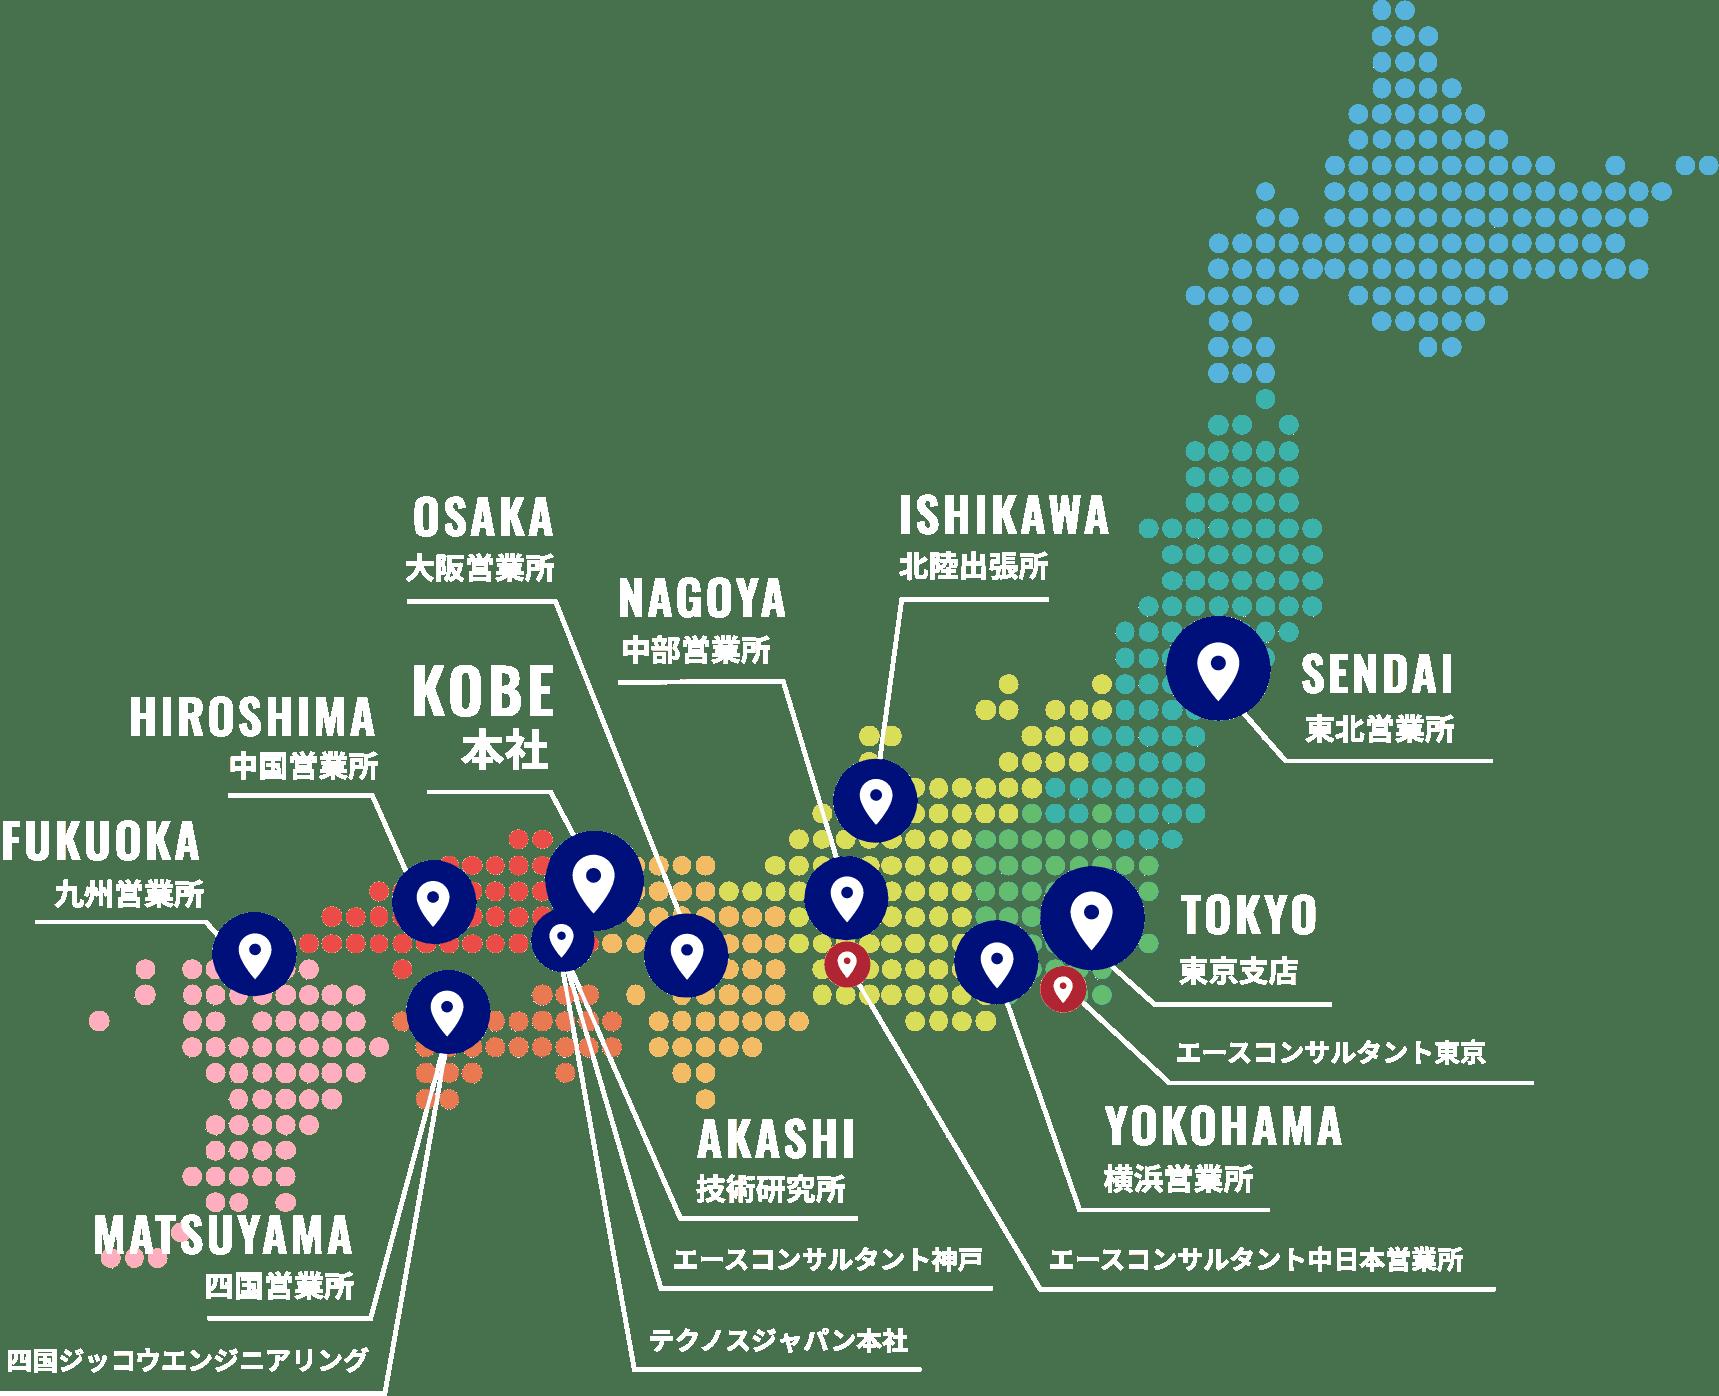 営業所・関連会社マップ